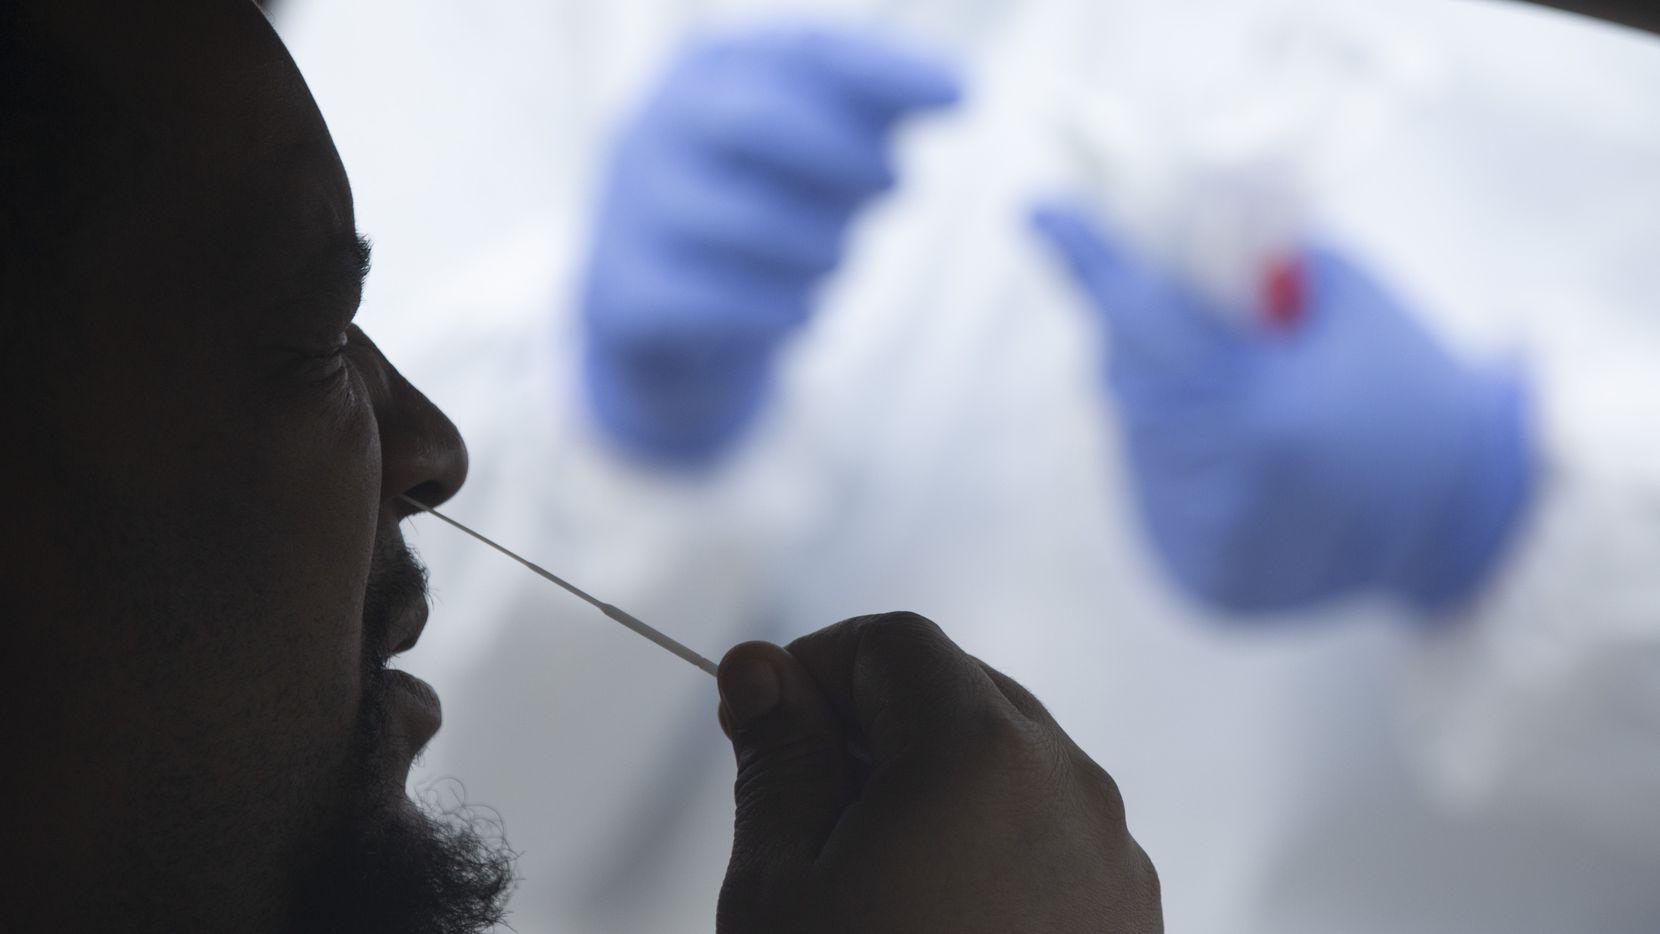 Un paciente se toma una muestra nasal para saber si tiene covid-19, en Colleyville. La comunidad hispana ha sido la más golpeada por el coronavirus en el Norte de Dallas. Varios factores estarían contribuyendo.